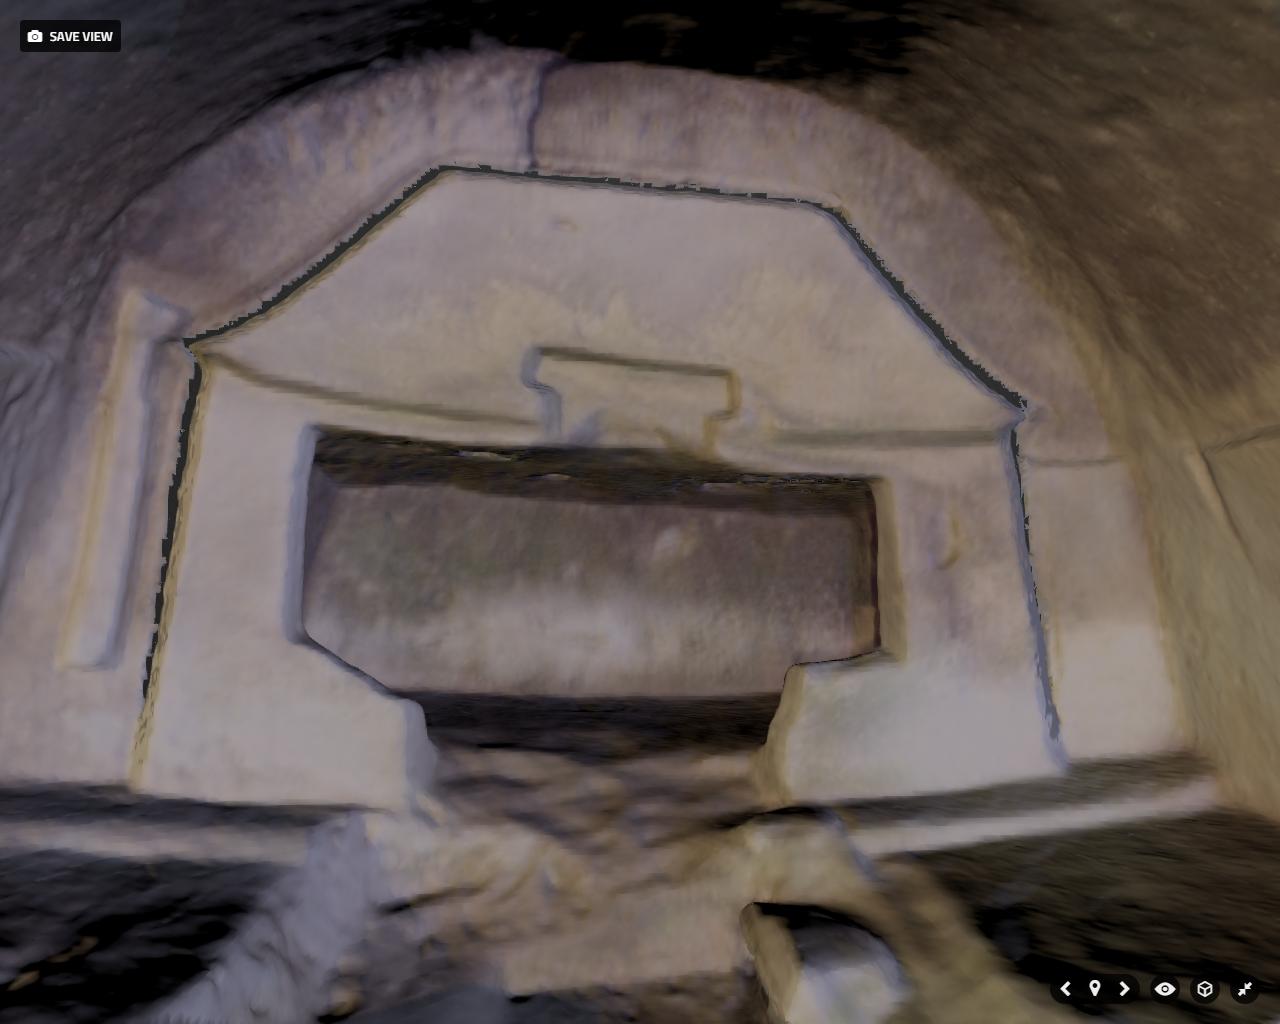 石貫ナギノ横穴群8号墓 通常版3Dモデル